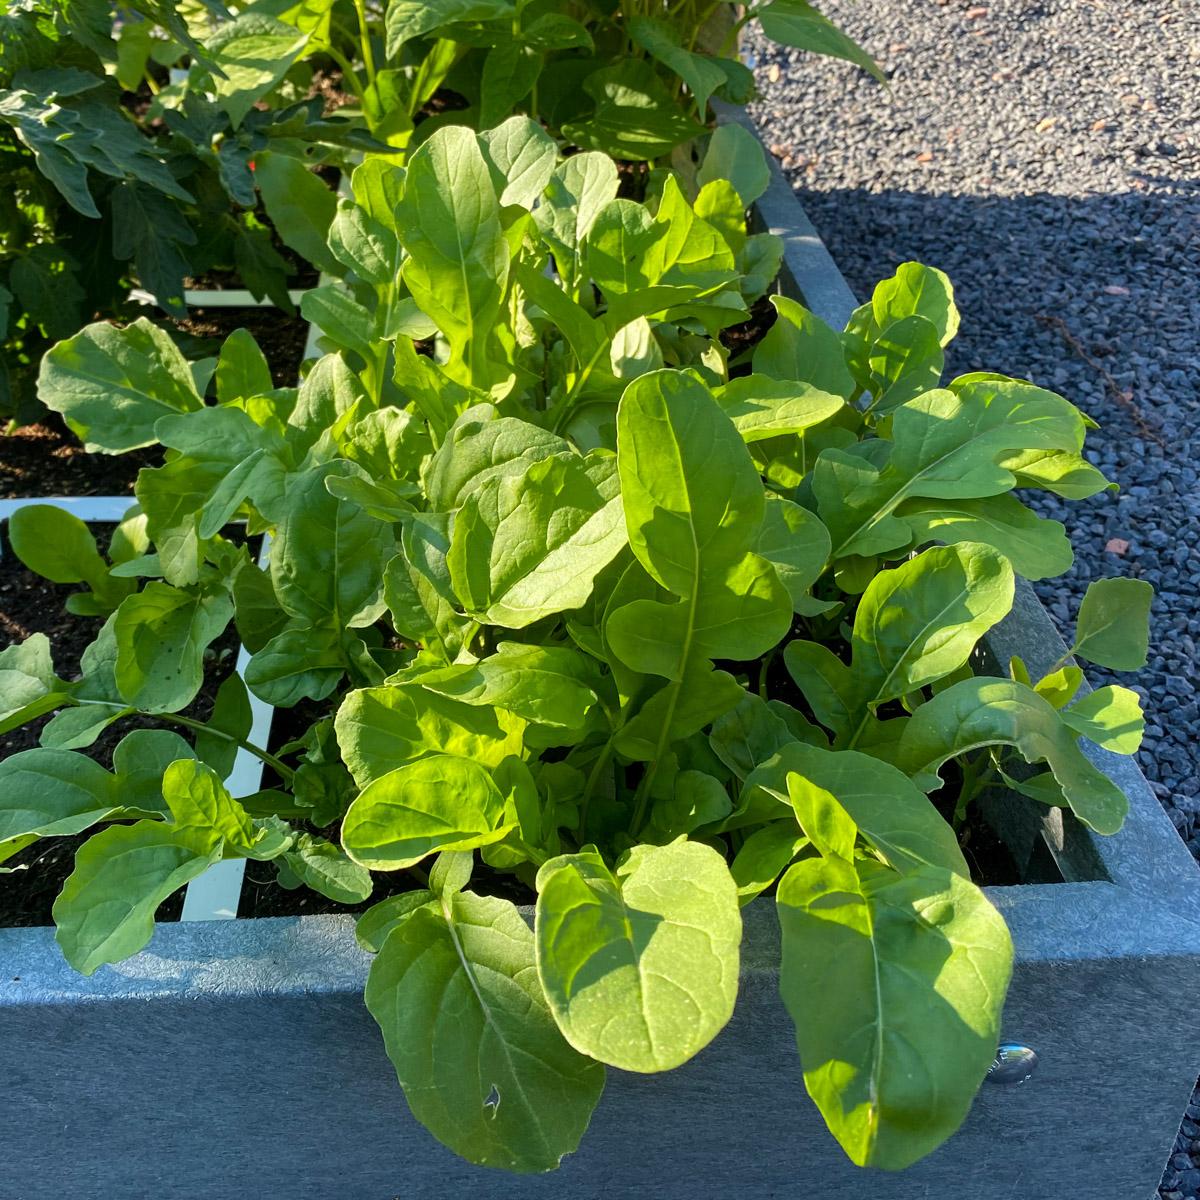 blog-july:-summer-in-the-veg-garden11.jpg